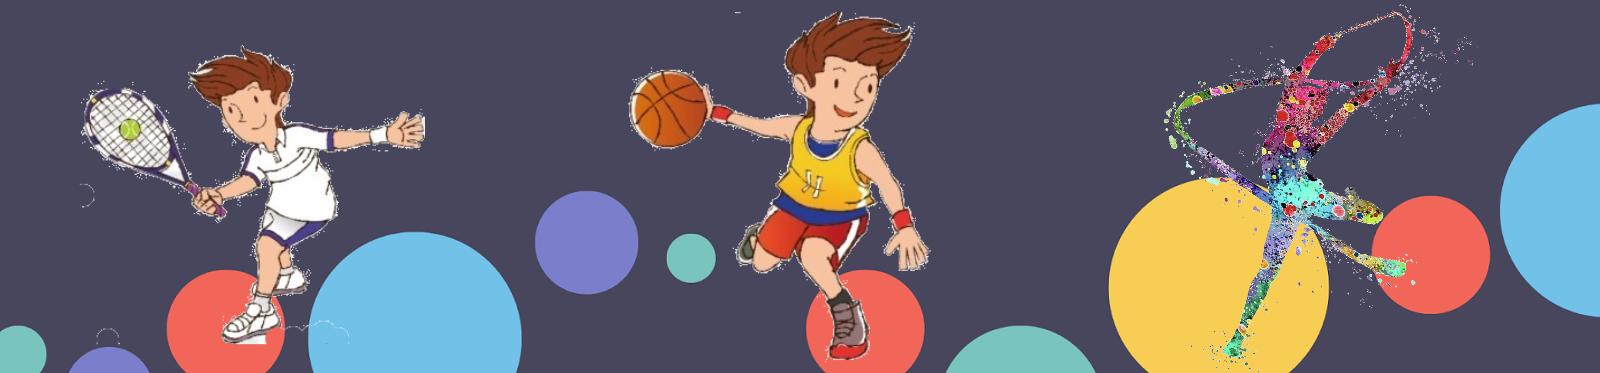 ηλεκτρονικές εγγραφές μπάσκετ, ρυθμική, τέννις